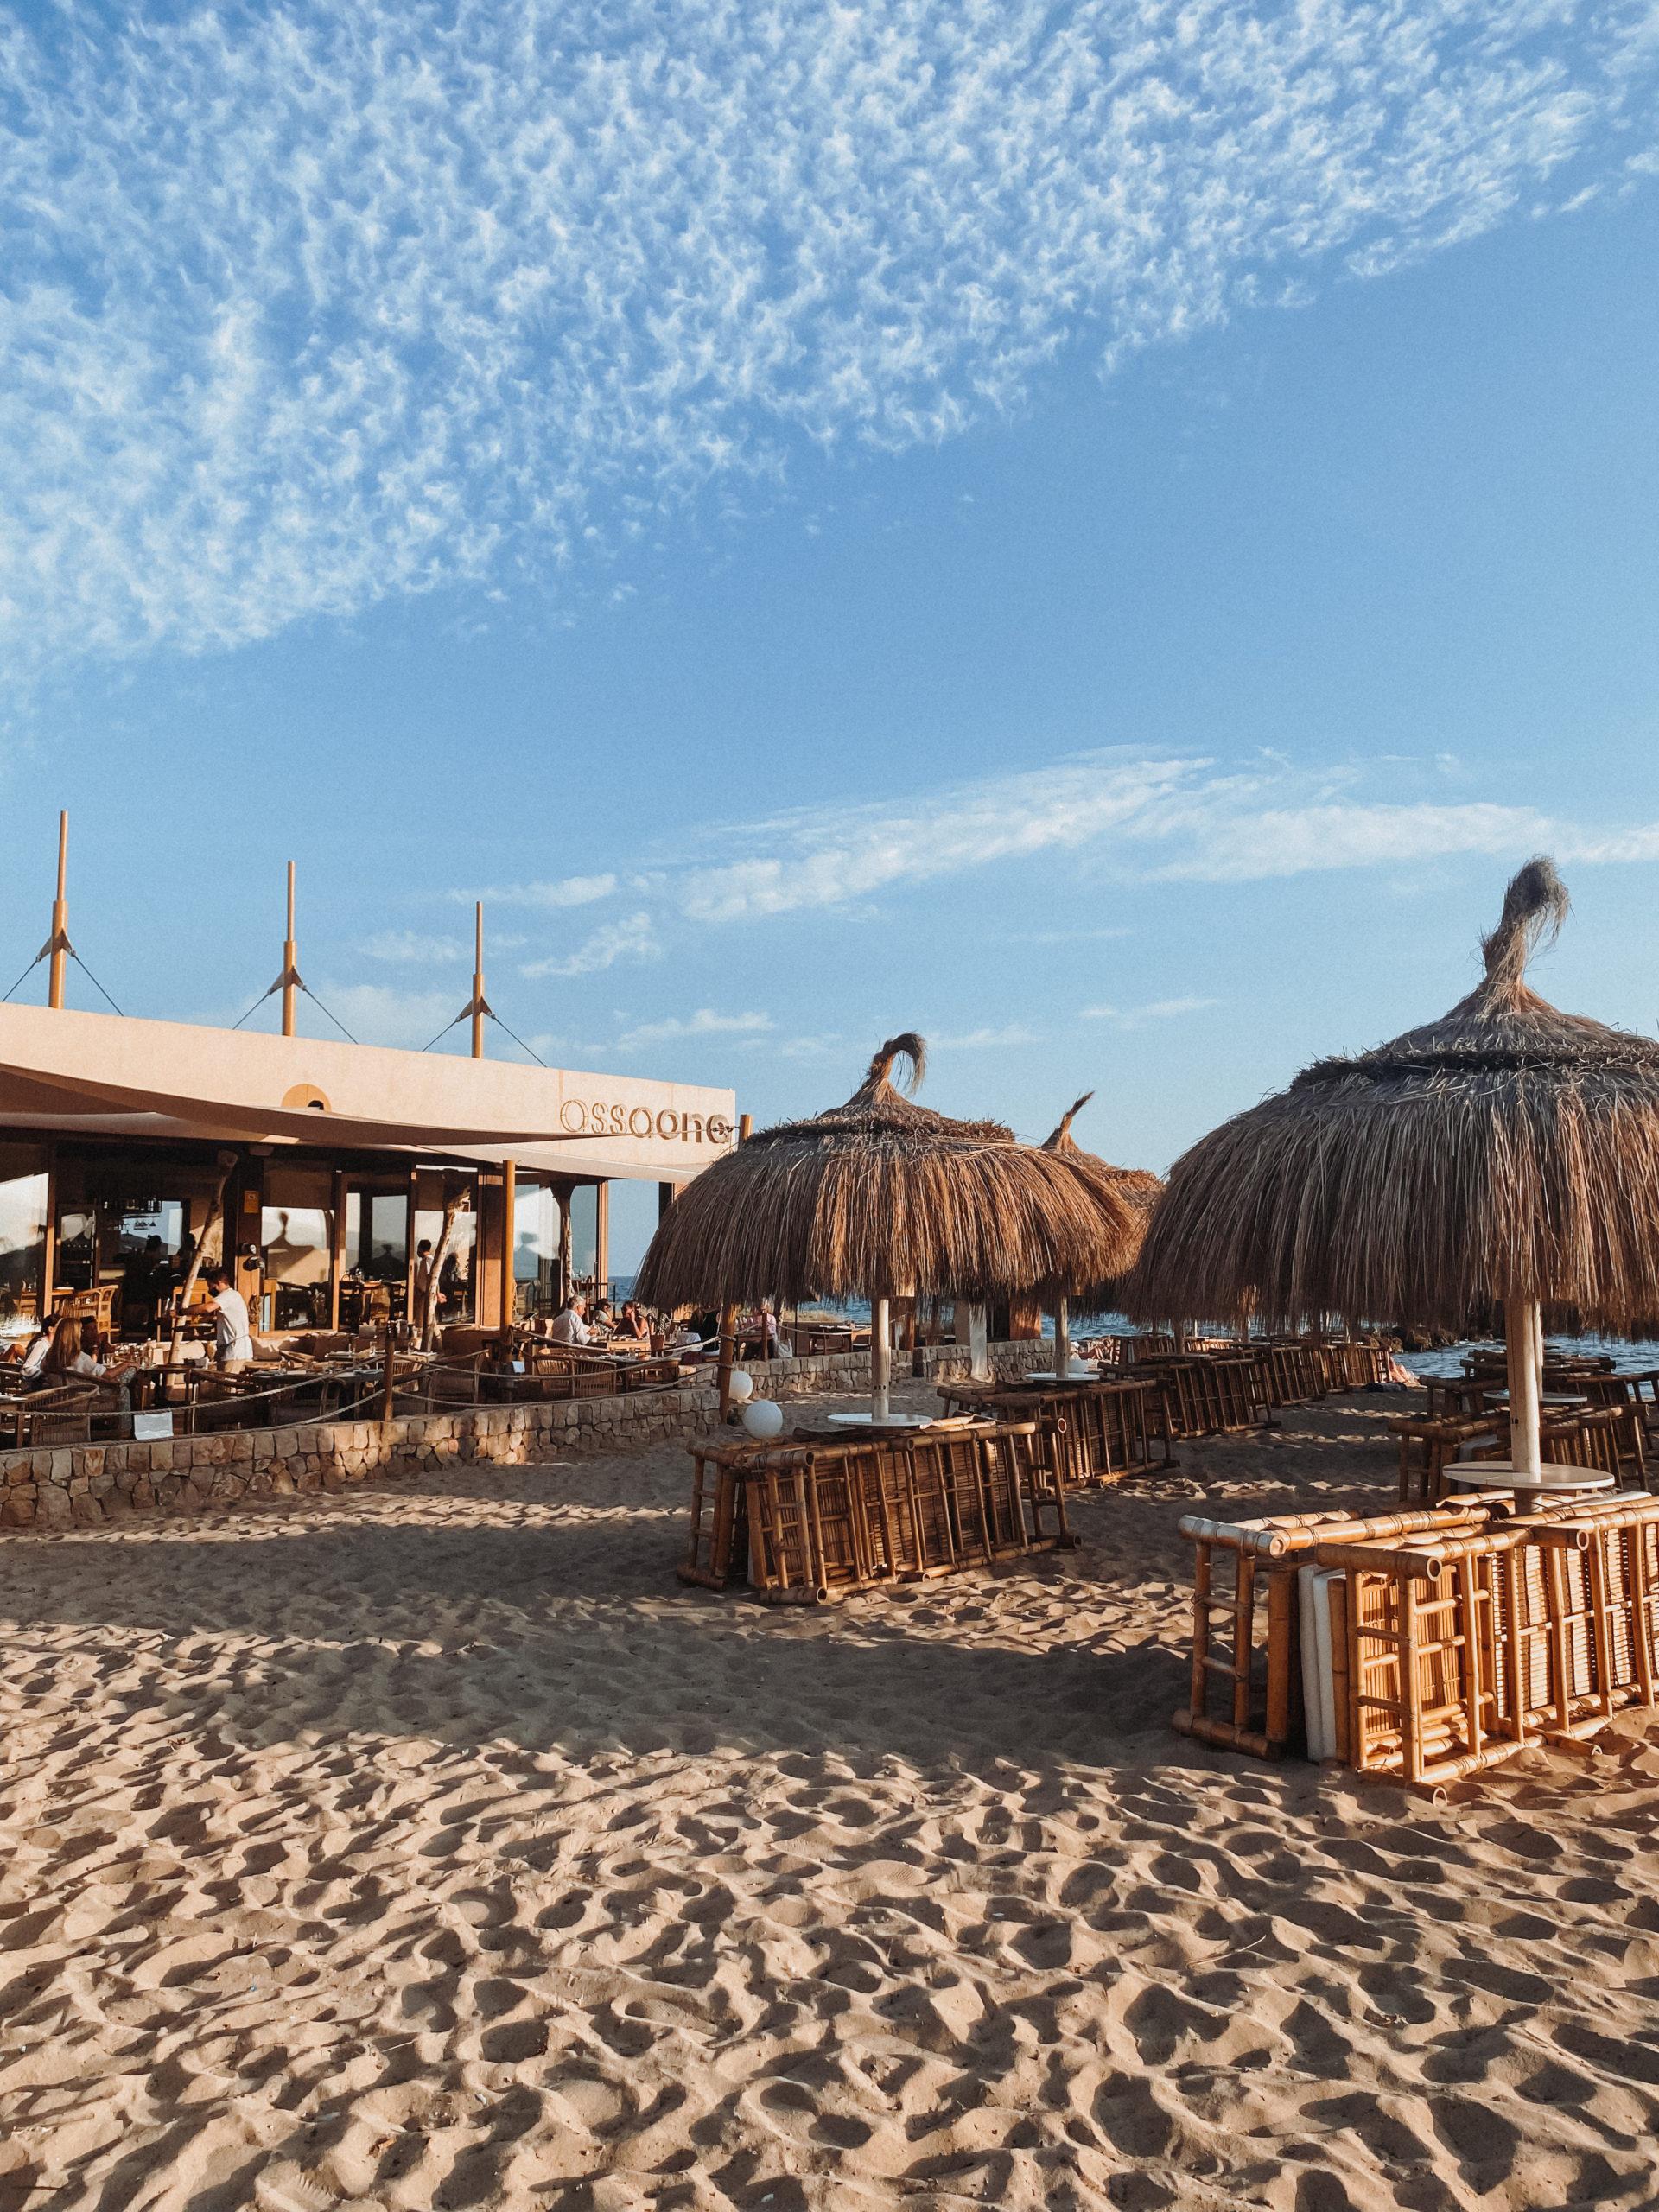 hotspots mallorca - restaurants mallorca - leuk restaurant palma de mallorca - hotspot palma de mallorca - beachclub palma de mallorca - strandtend palma